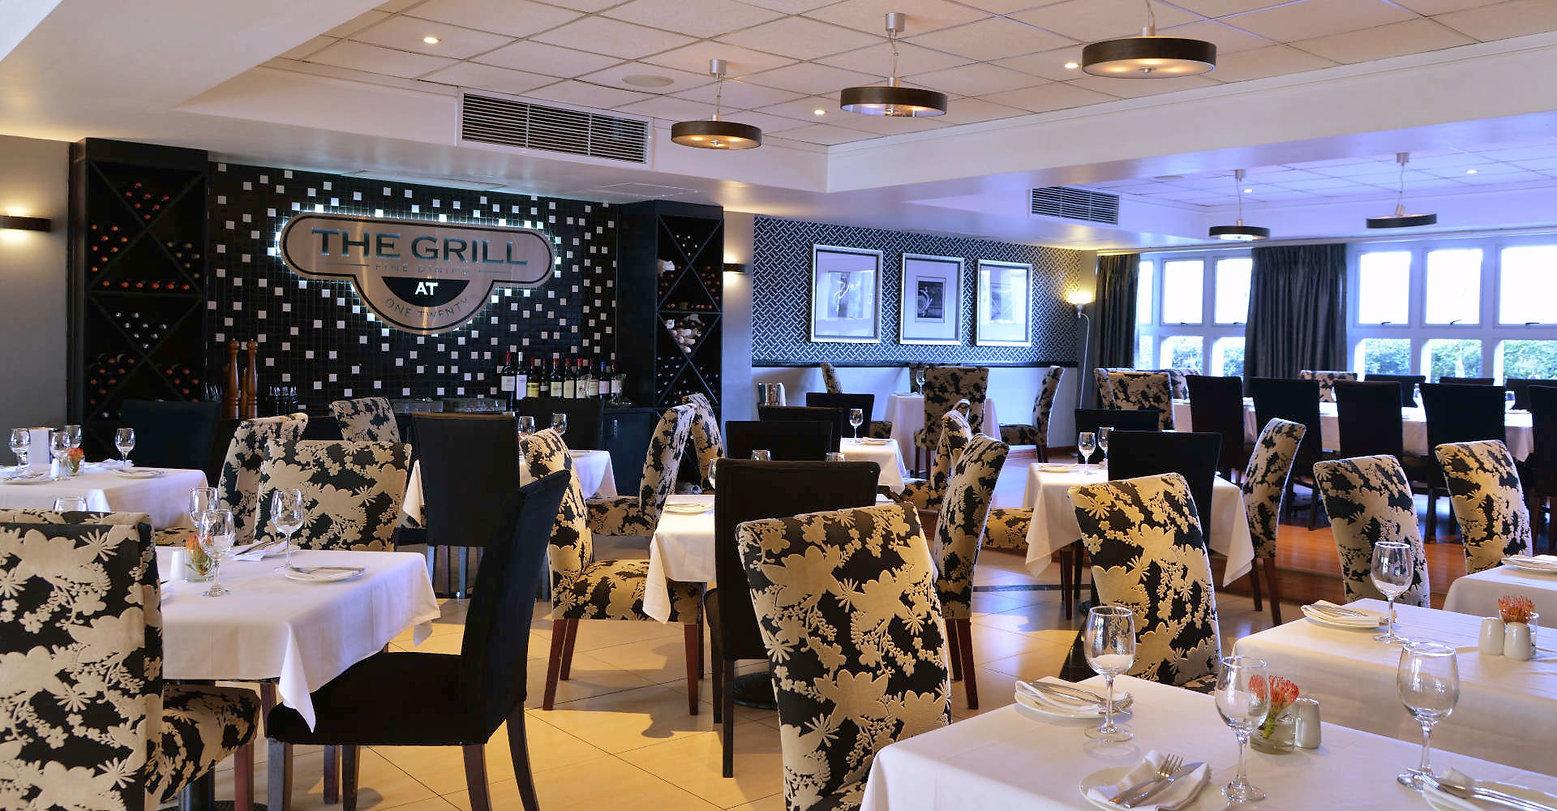 Best Restaurants in Johannesburg - Where